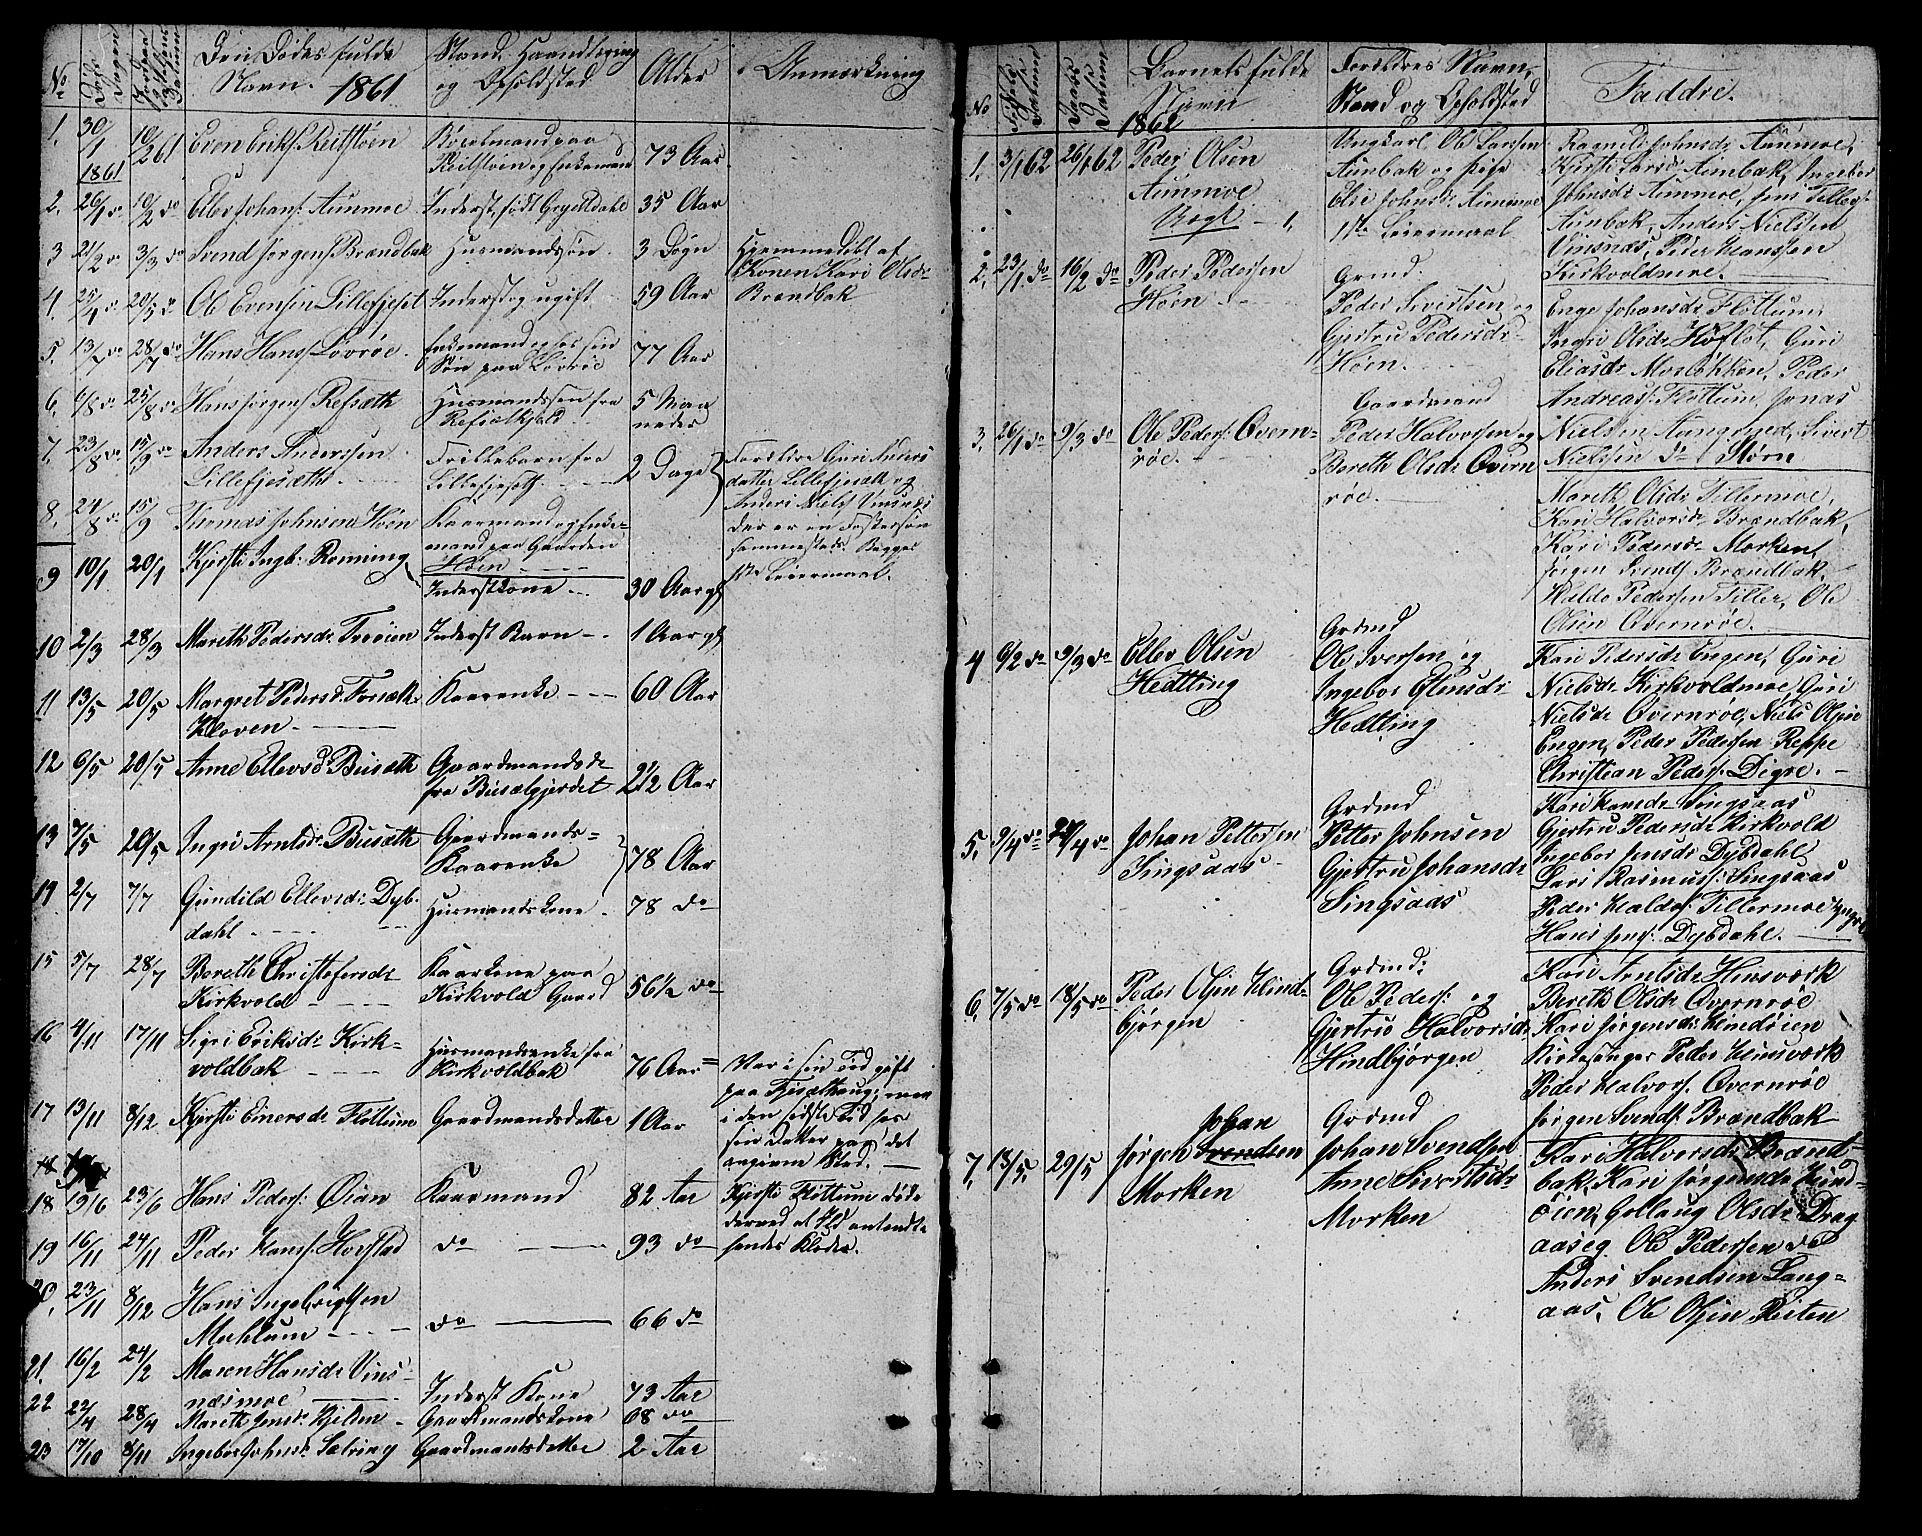 SAT, Ministerialprotokoller, klokkerbøker og fødselsregistre - Sør-Trøndelag, 688/L1027: Klokkerbok nr. 688C02, 1861-1889